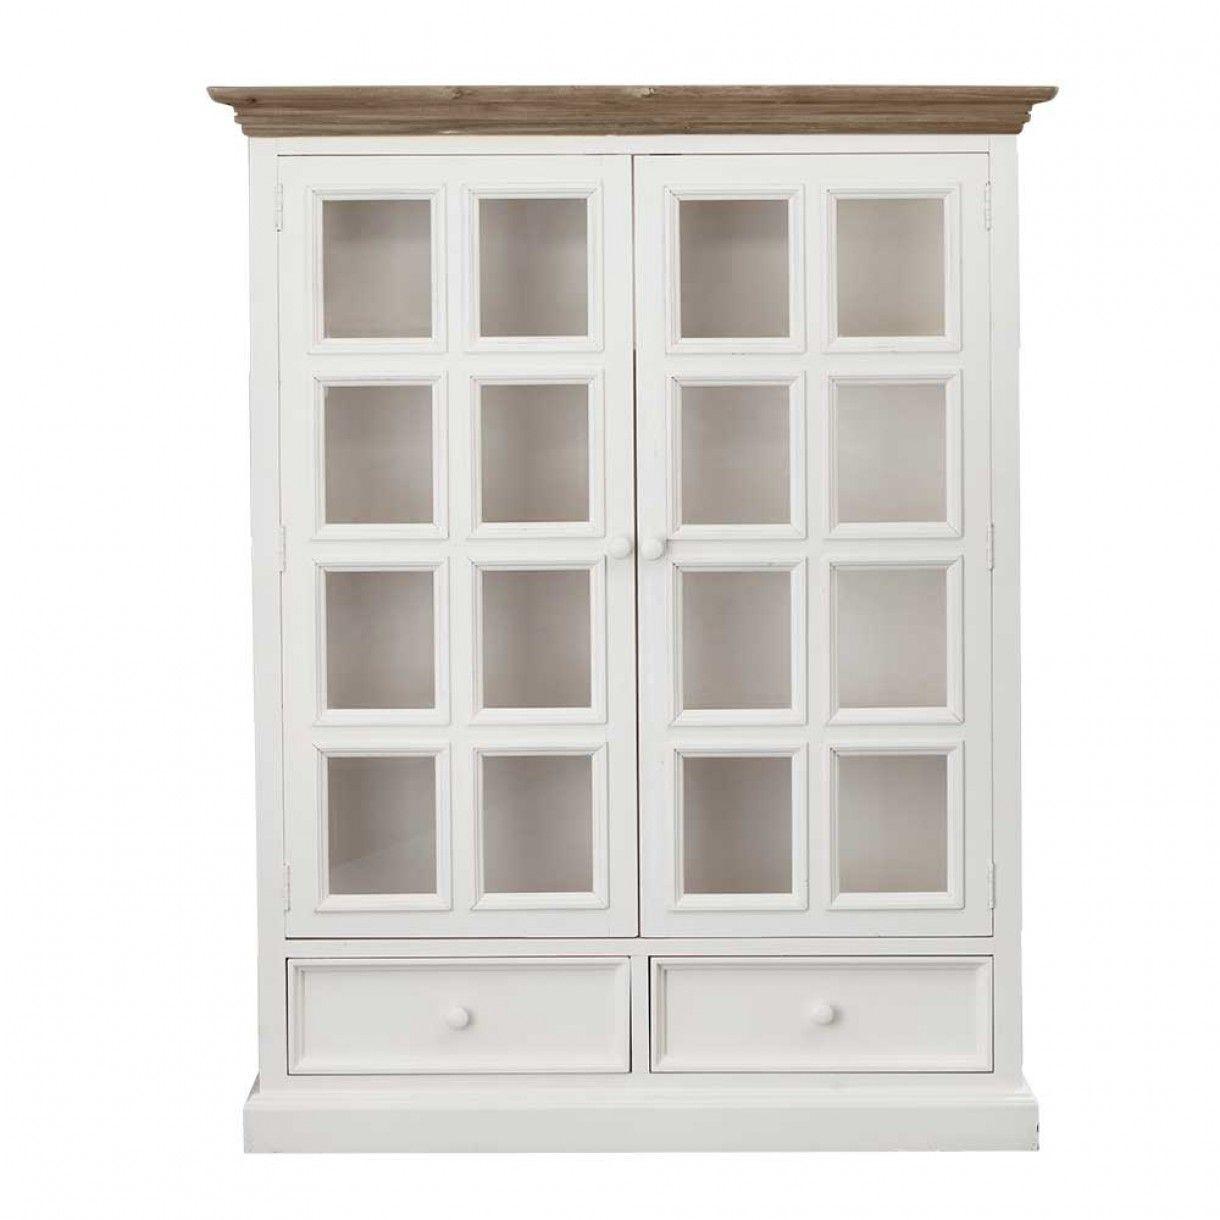 Mansfield 2 Door Display Cabinet White | Kitchen 2 | Pinterest ...